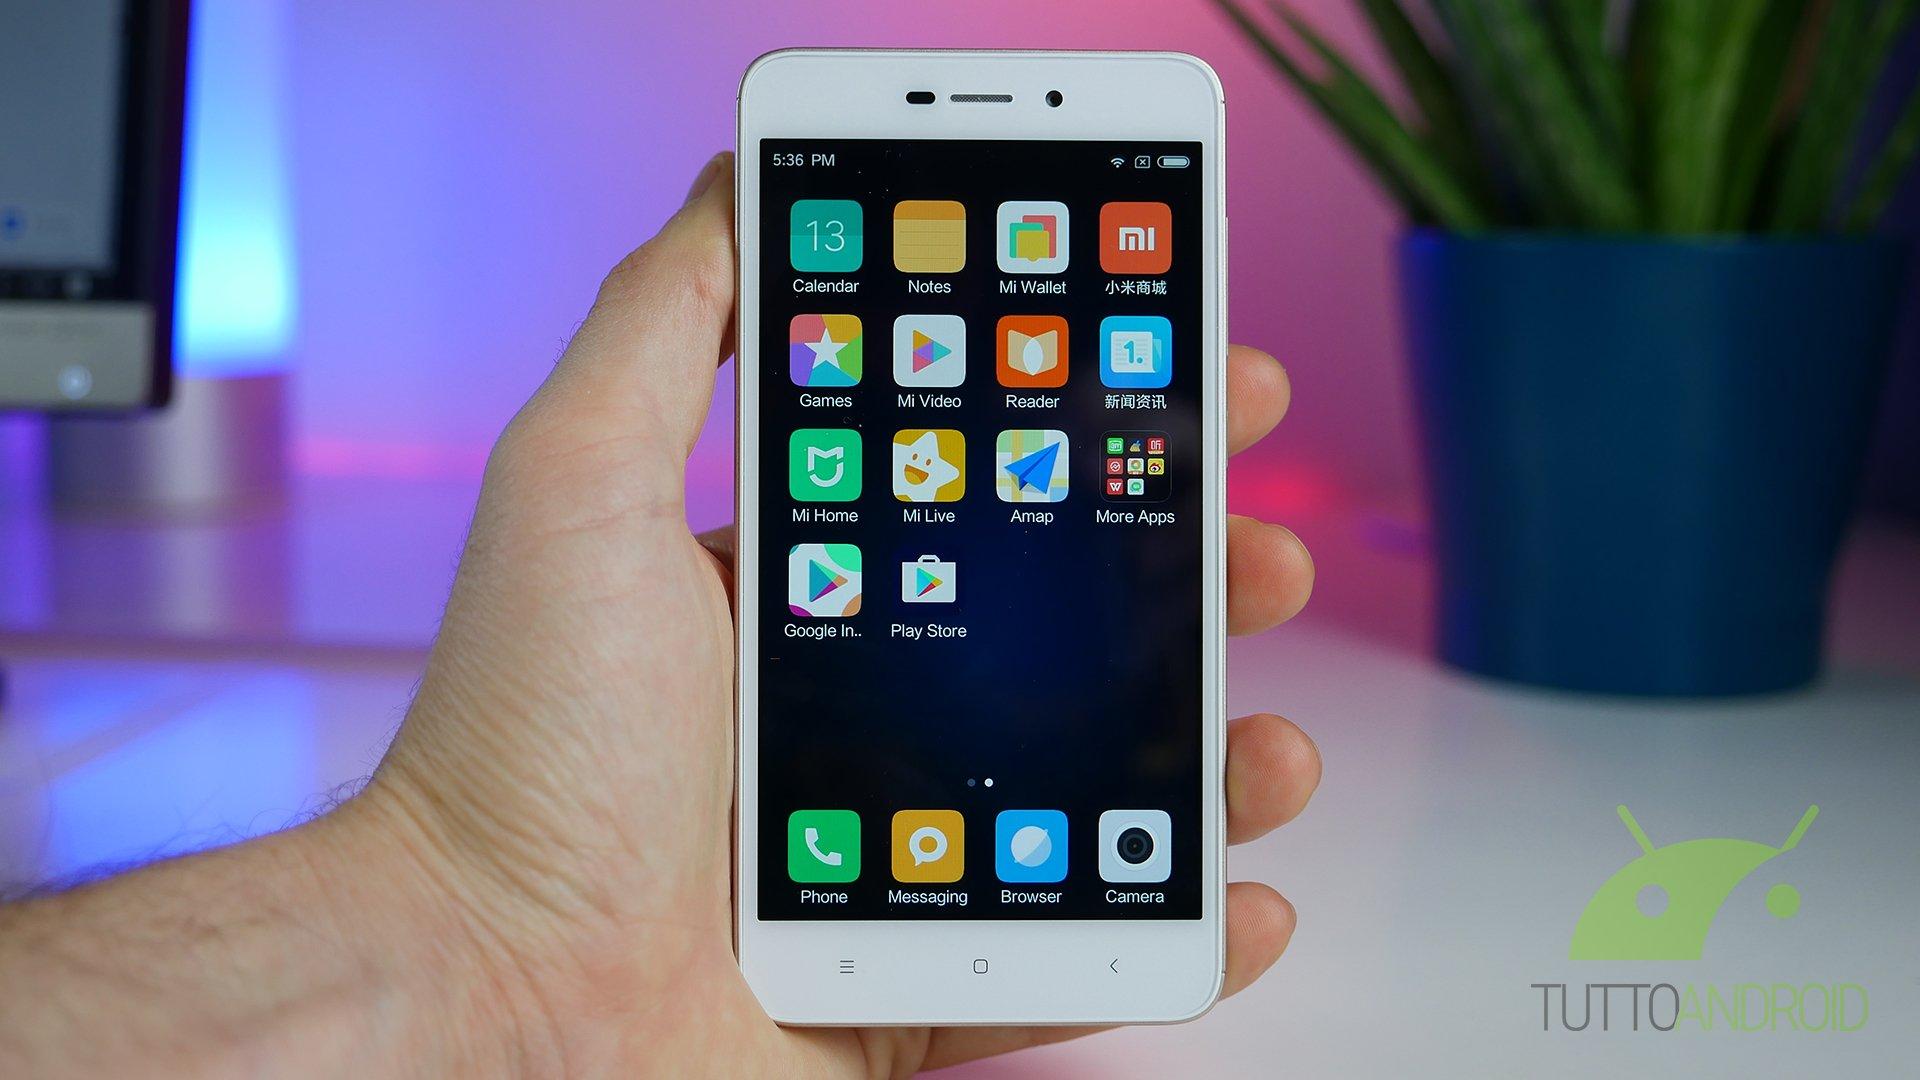 Recensione Xiaomi Redmi 4a Il Massimo Per Meno Di 100 Euro 2gb 16gb Gold